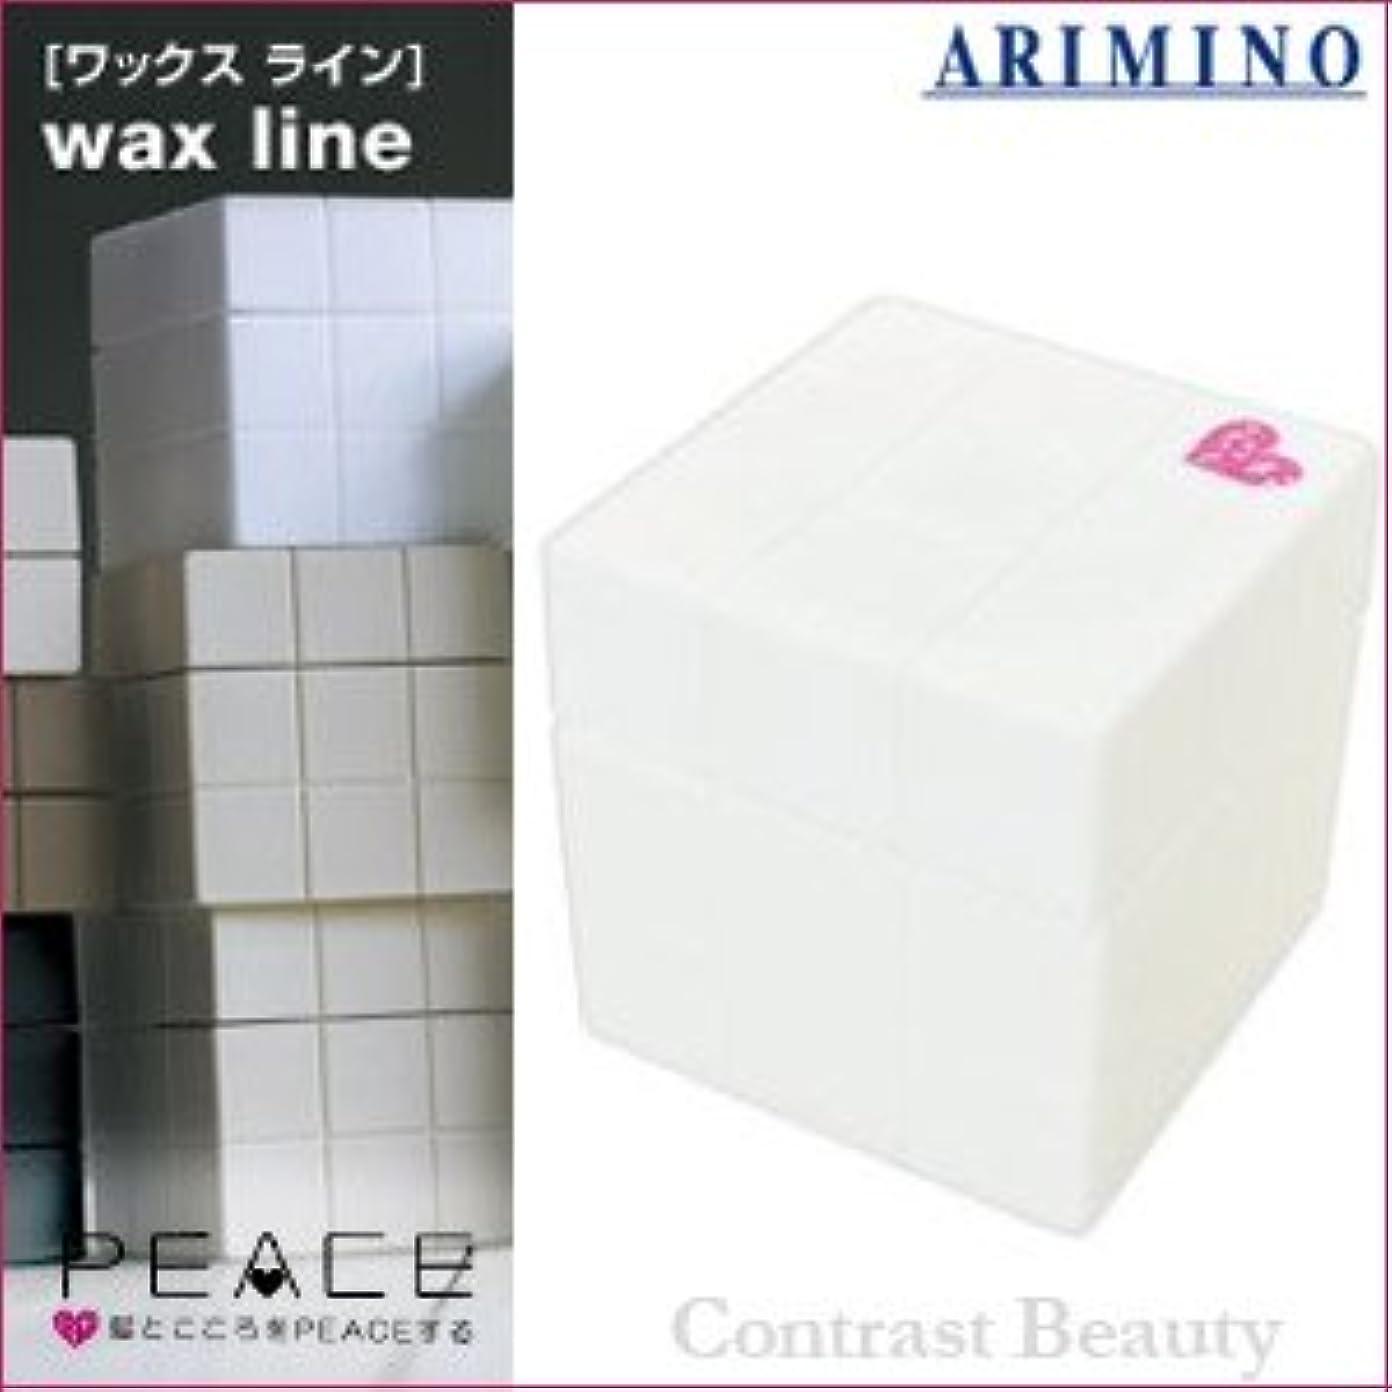 肘掛け椅子連隊無数の【X5個セット】 アリミノ ピース プロデザインシリーズ グロスワックス ホワイト 80g ARIMINO